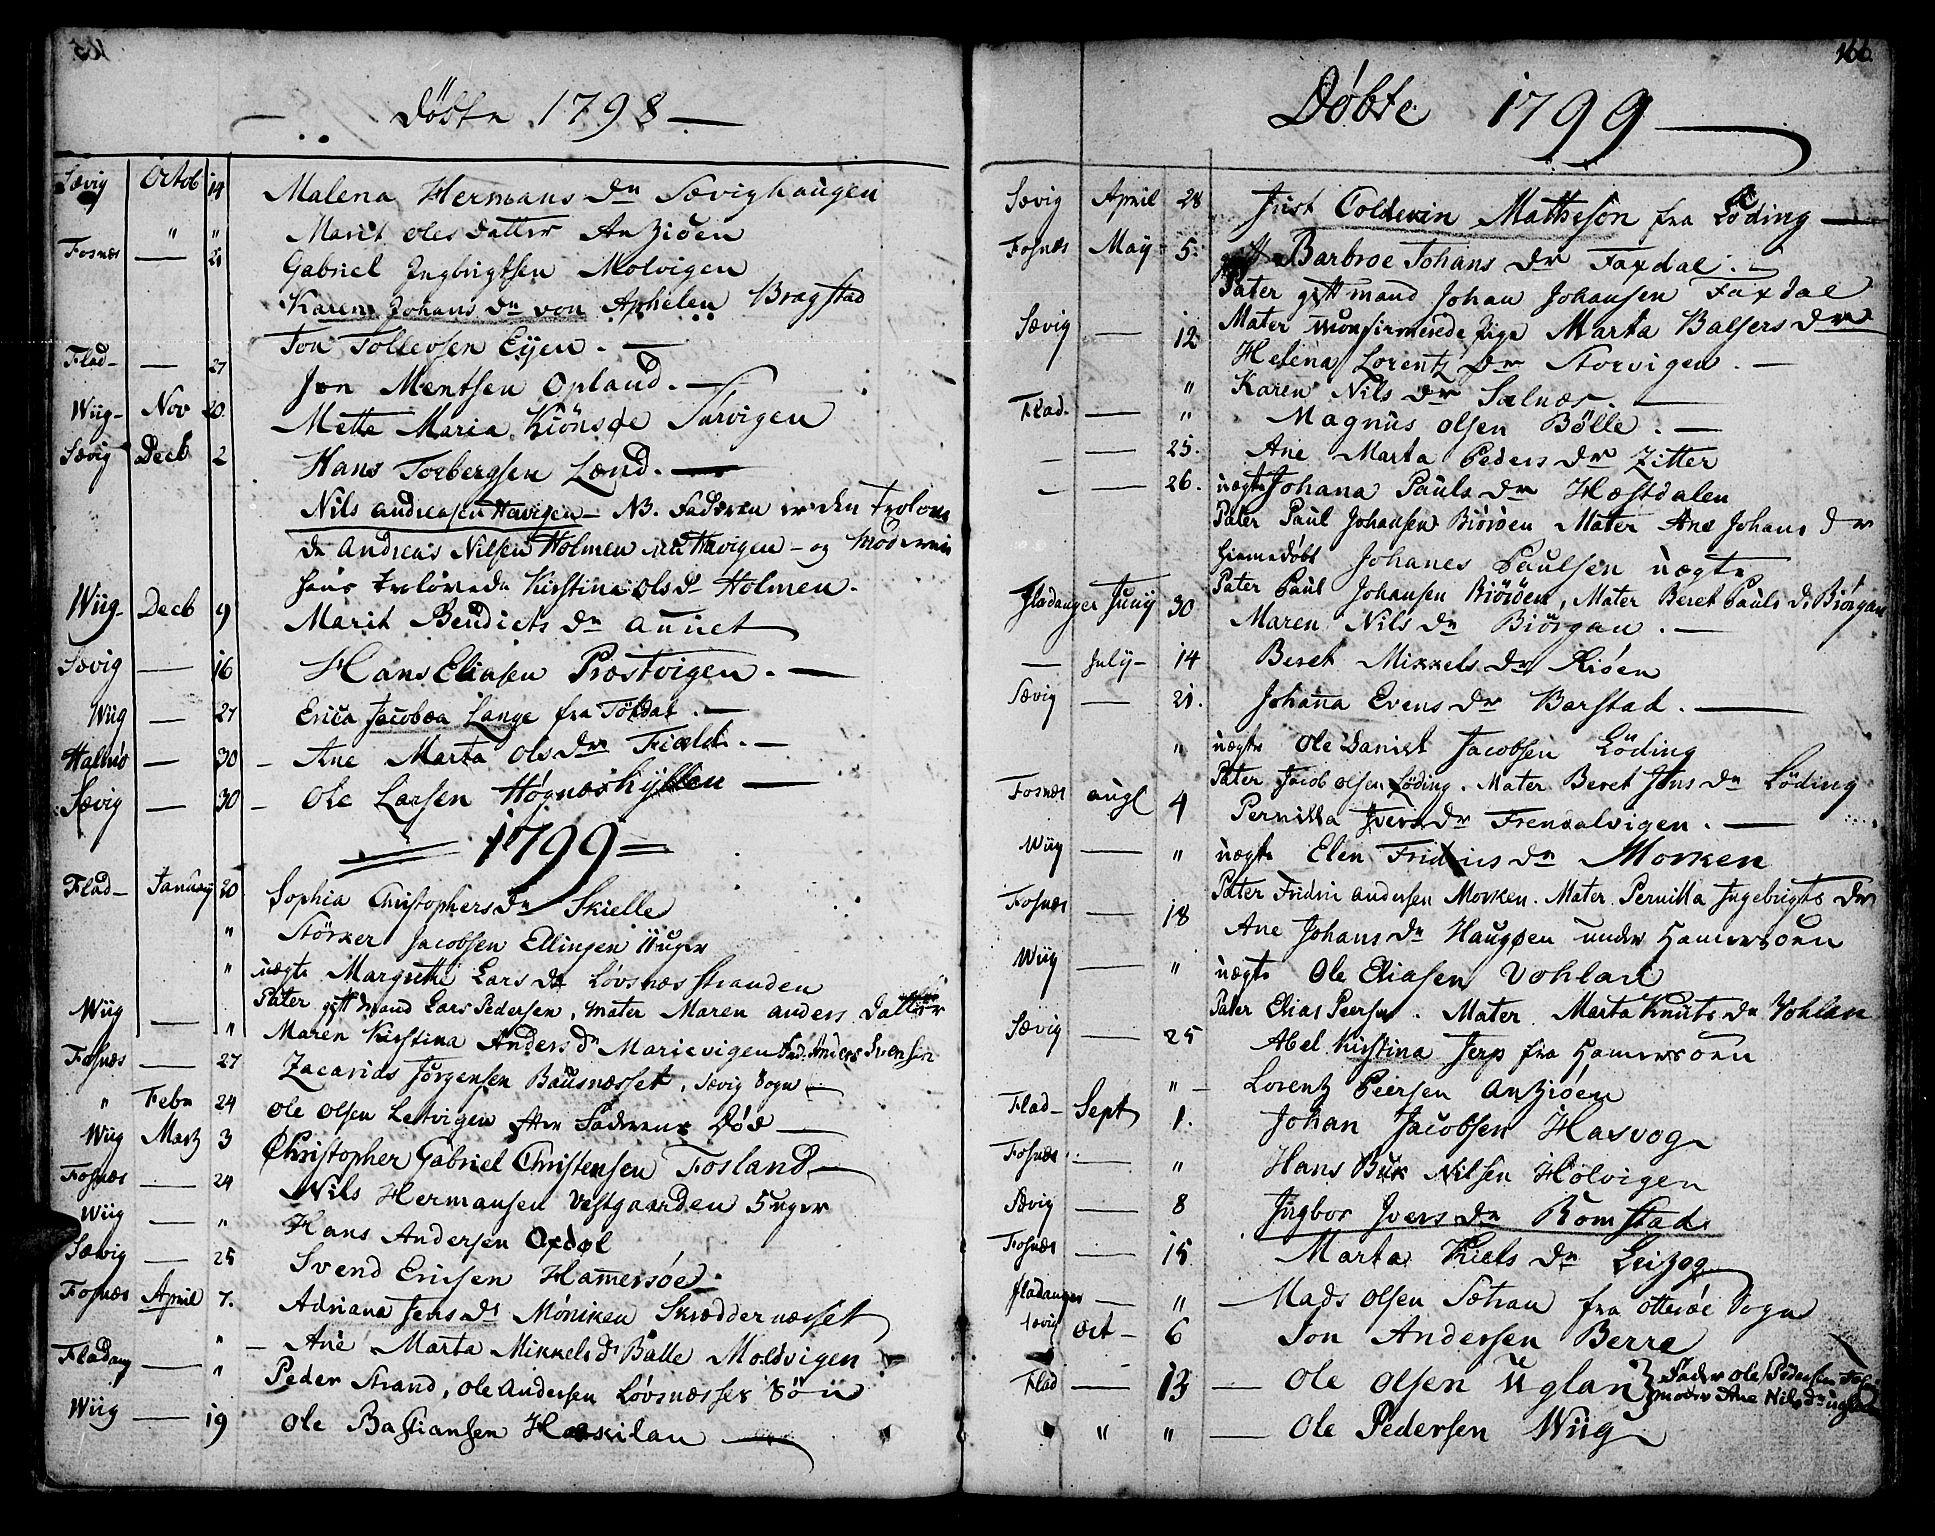 SAT, Ministerialprotokoller, klokkerbøker og fødselsregistre - Nord-Trøndelag, 773/L0608: Ministerialbok nr. 773A02, 1784-1816, s. 166